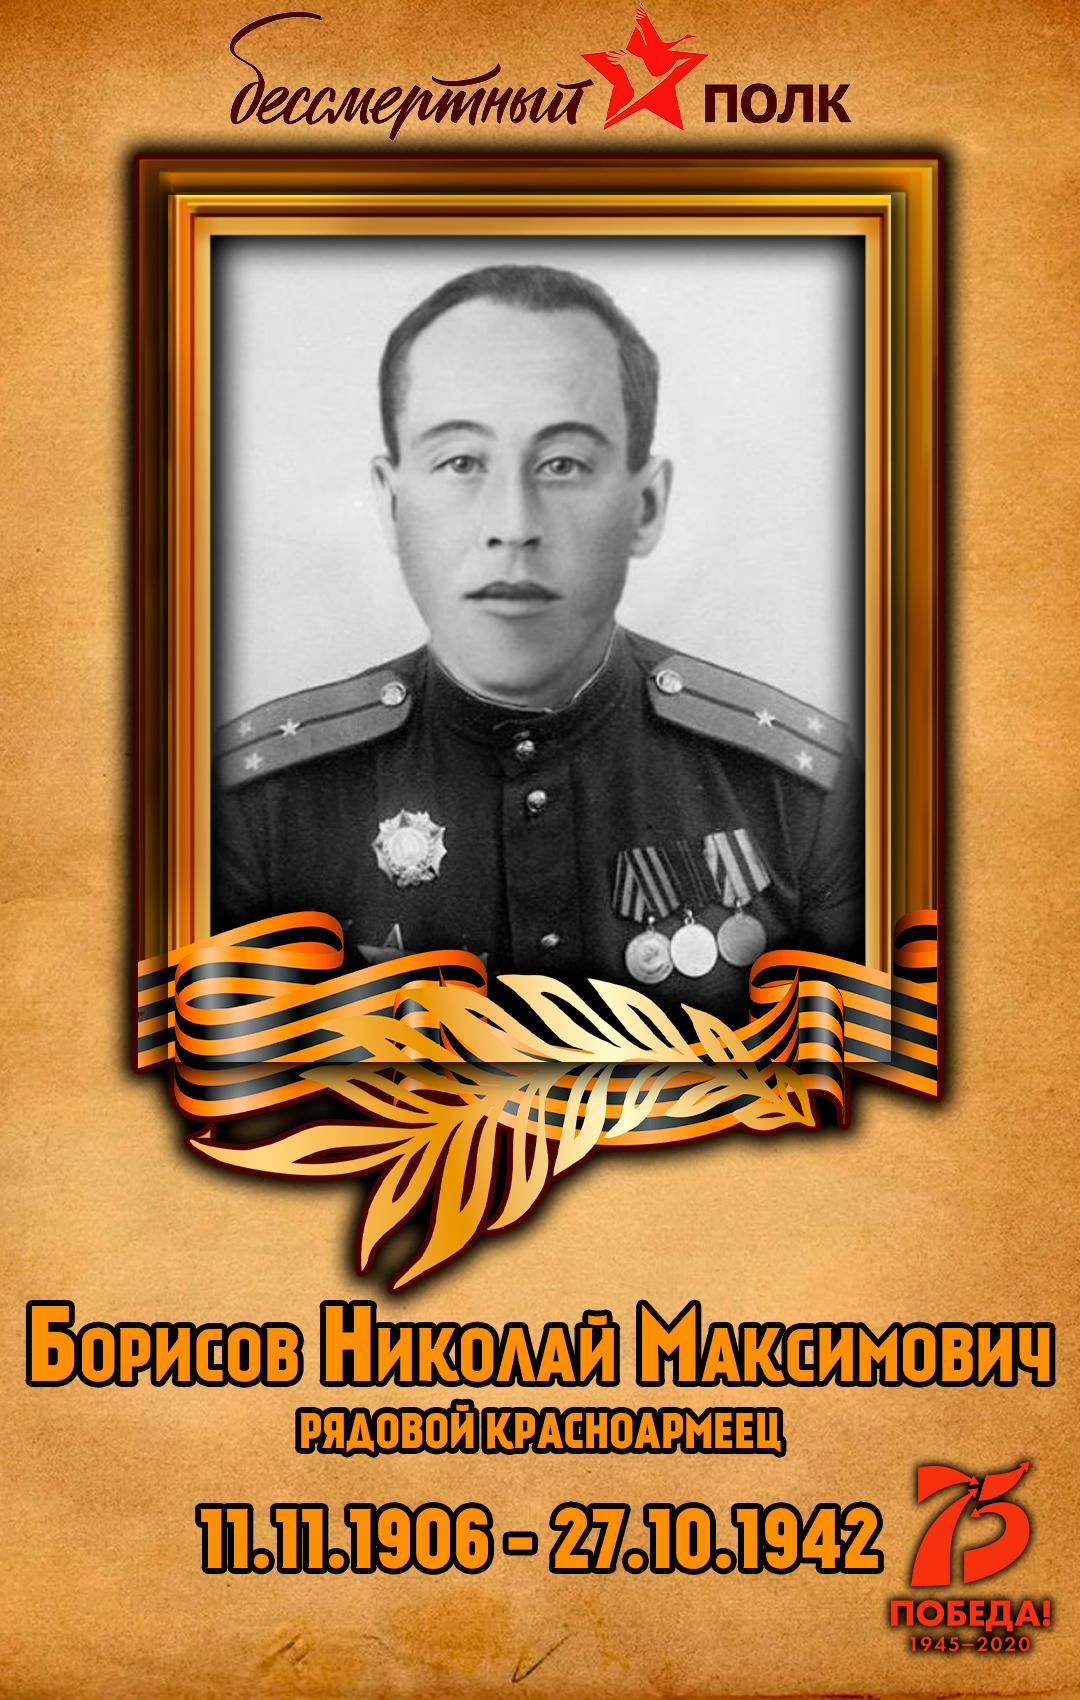 Борисов-Николай-Максимович